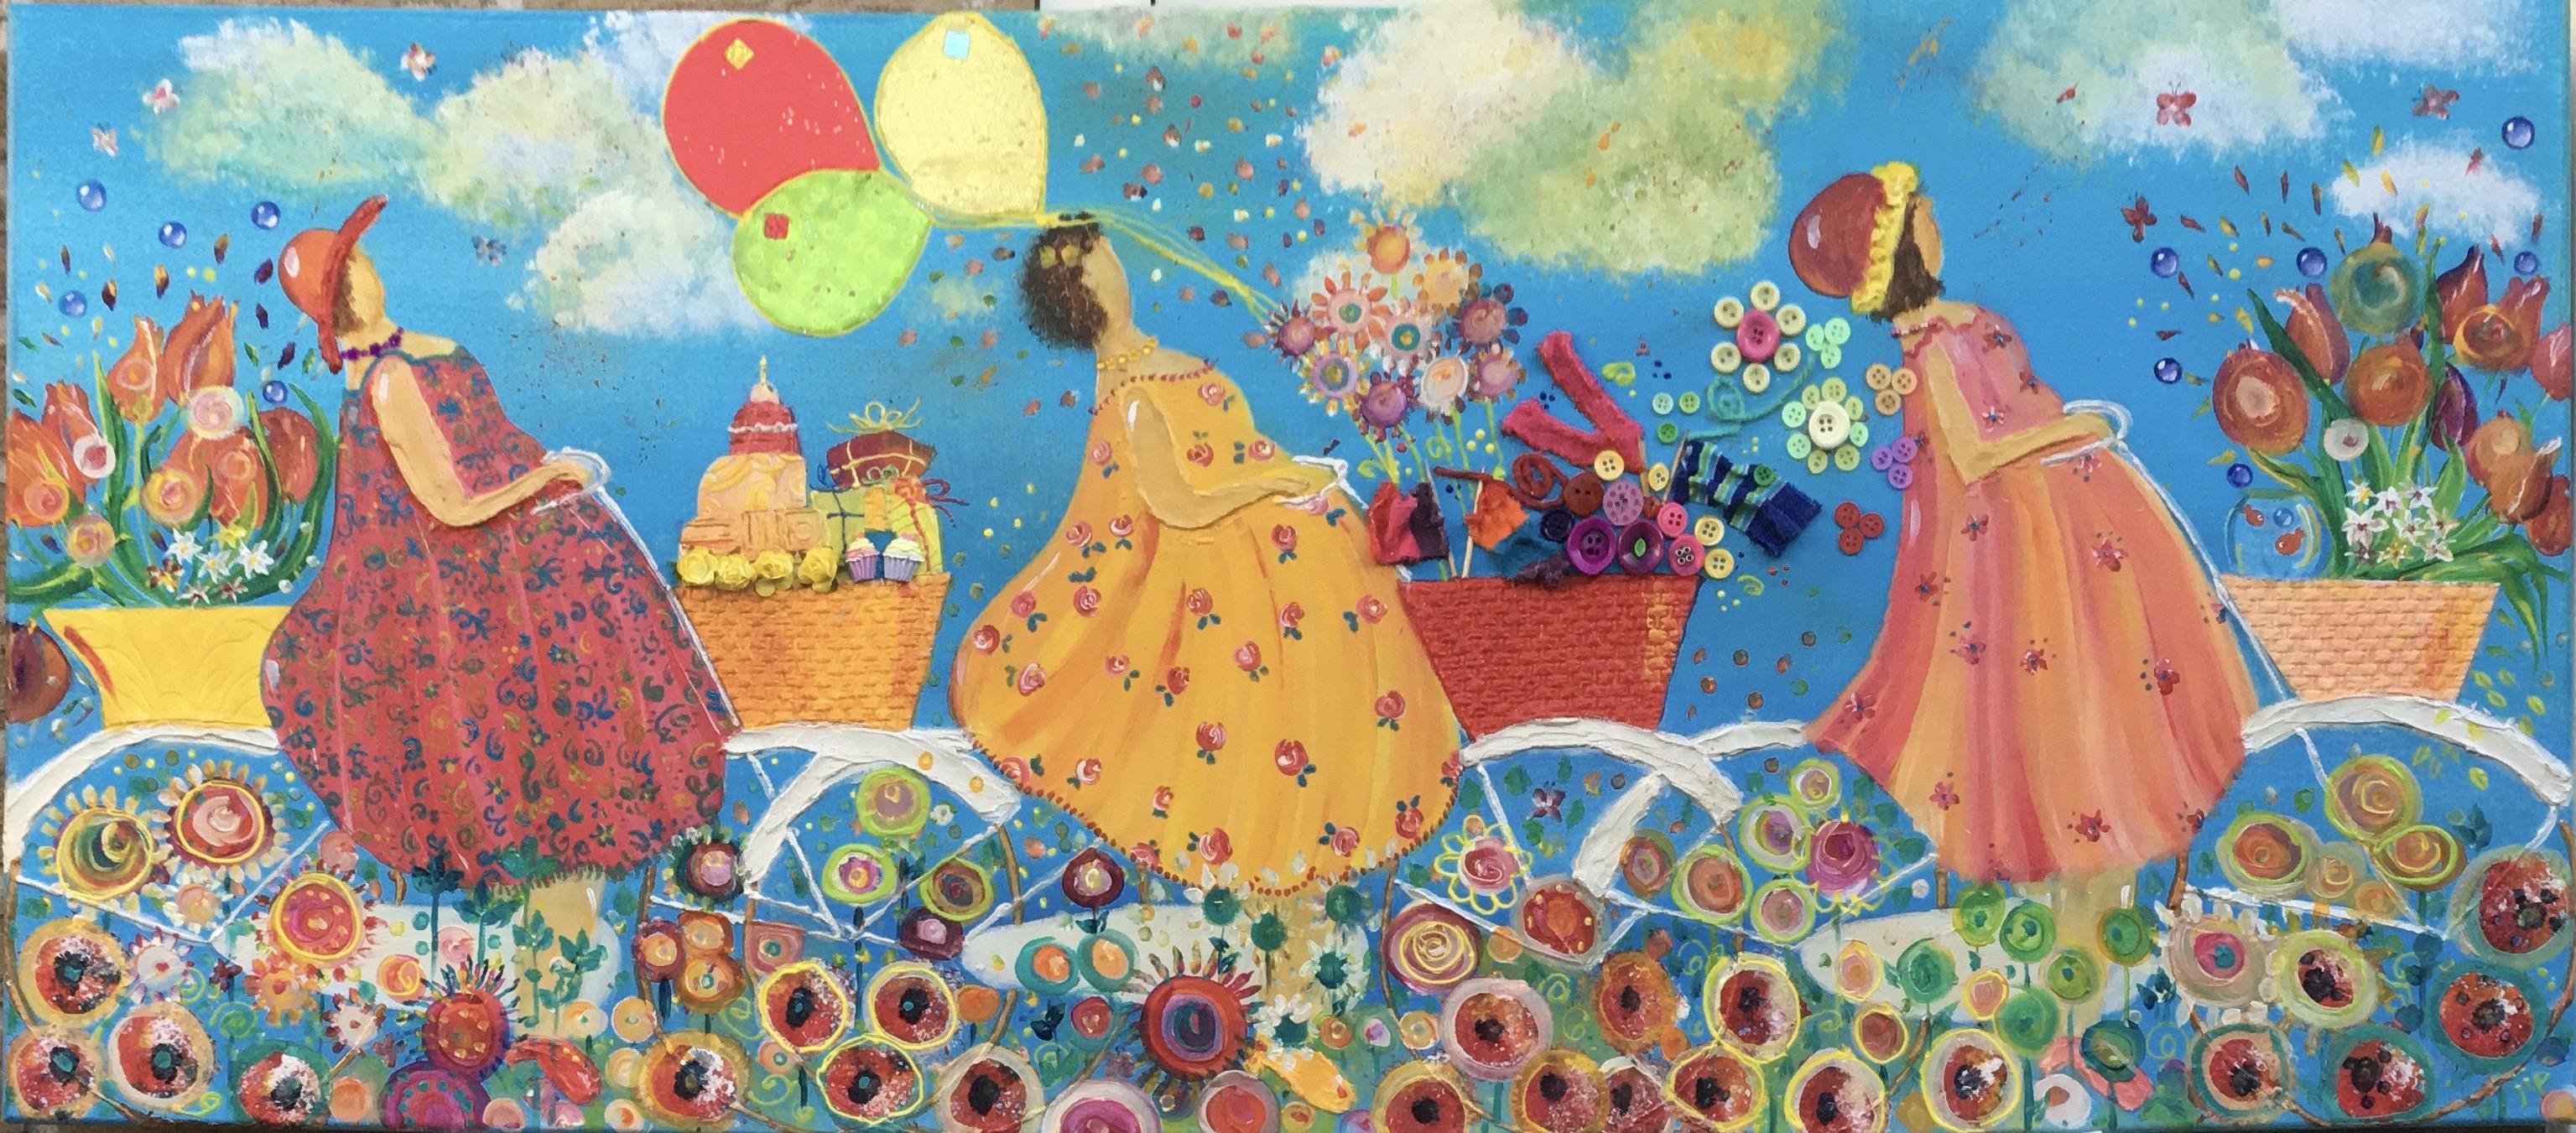 vrolijk schilderij met 3 dames op de fiets